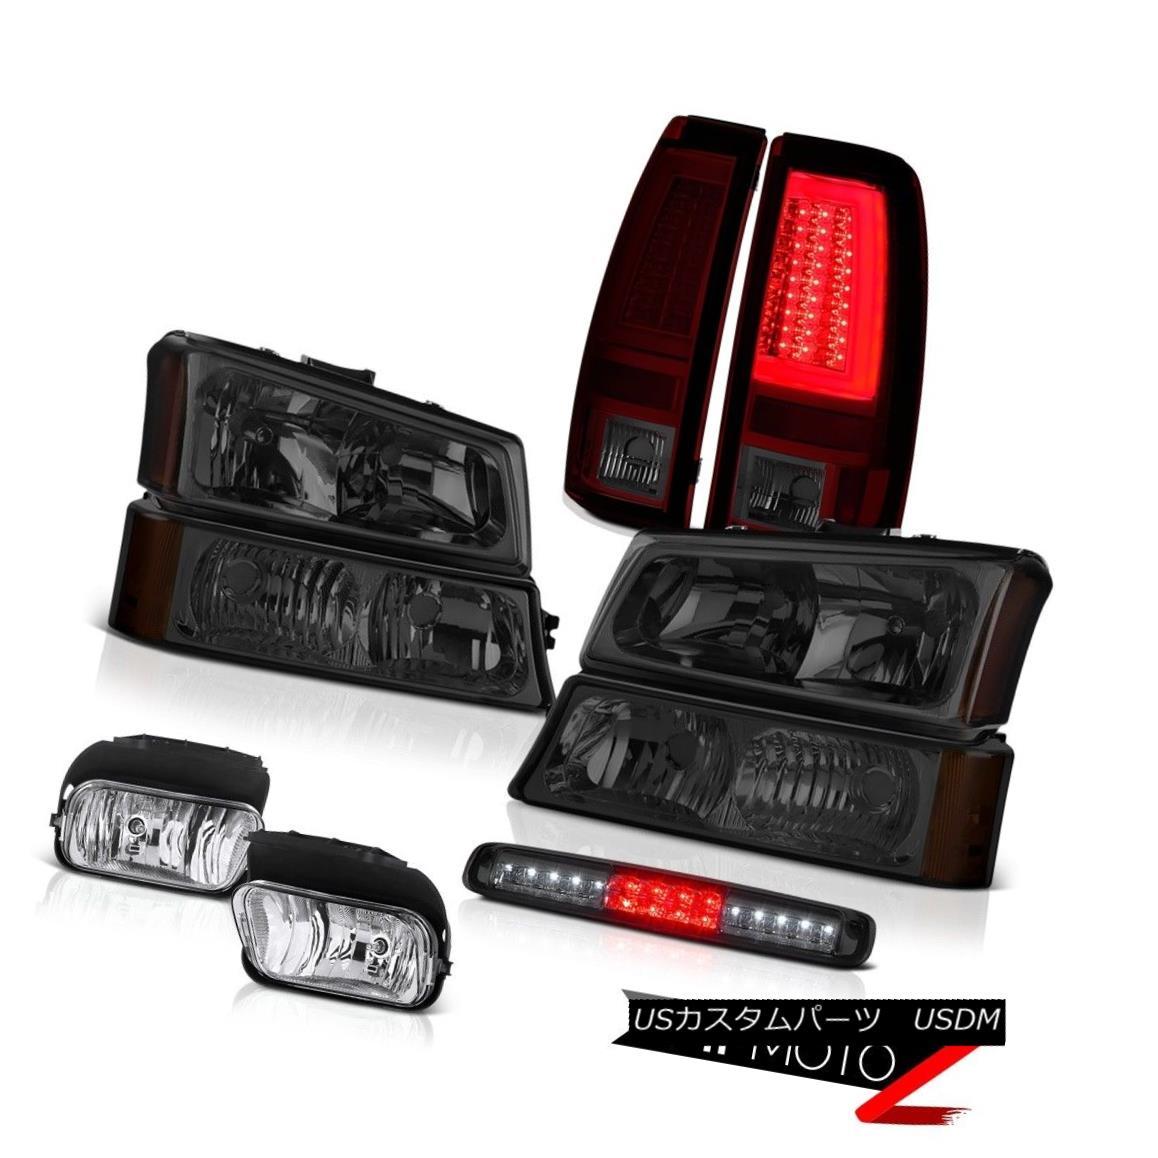 テールライト 03-06 Silverado Smokey Red Rear Brake Lamps Headlamps Fog 3RD Light Crystal Lens 03-06 Silveradoスモーキーレッドリアブレーキランプヘッドランプフォグ3RDライトクリスタルレンズ